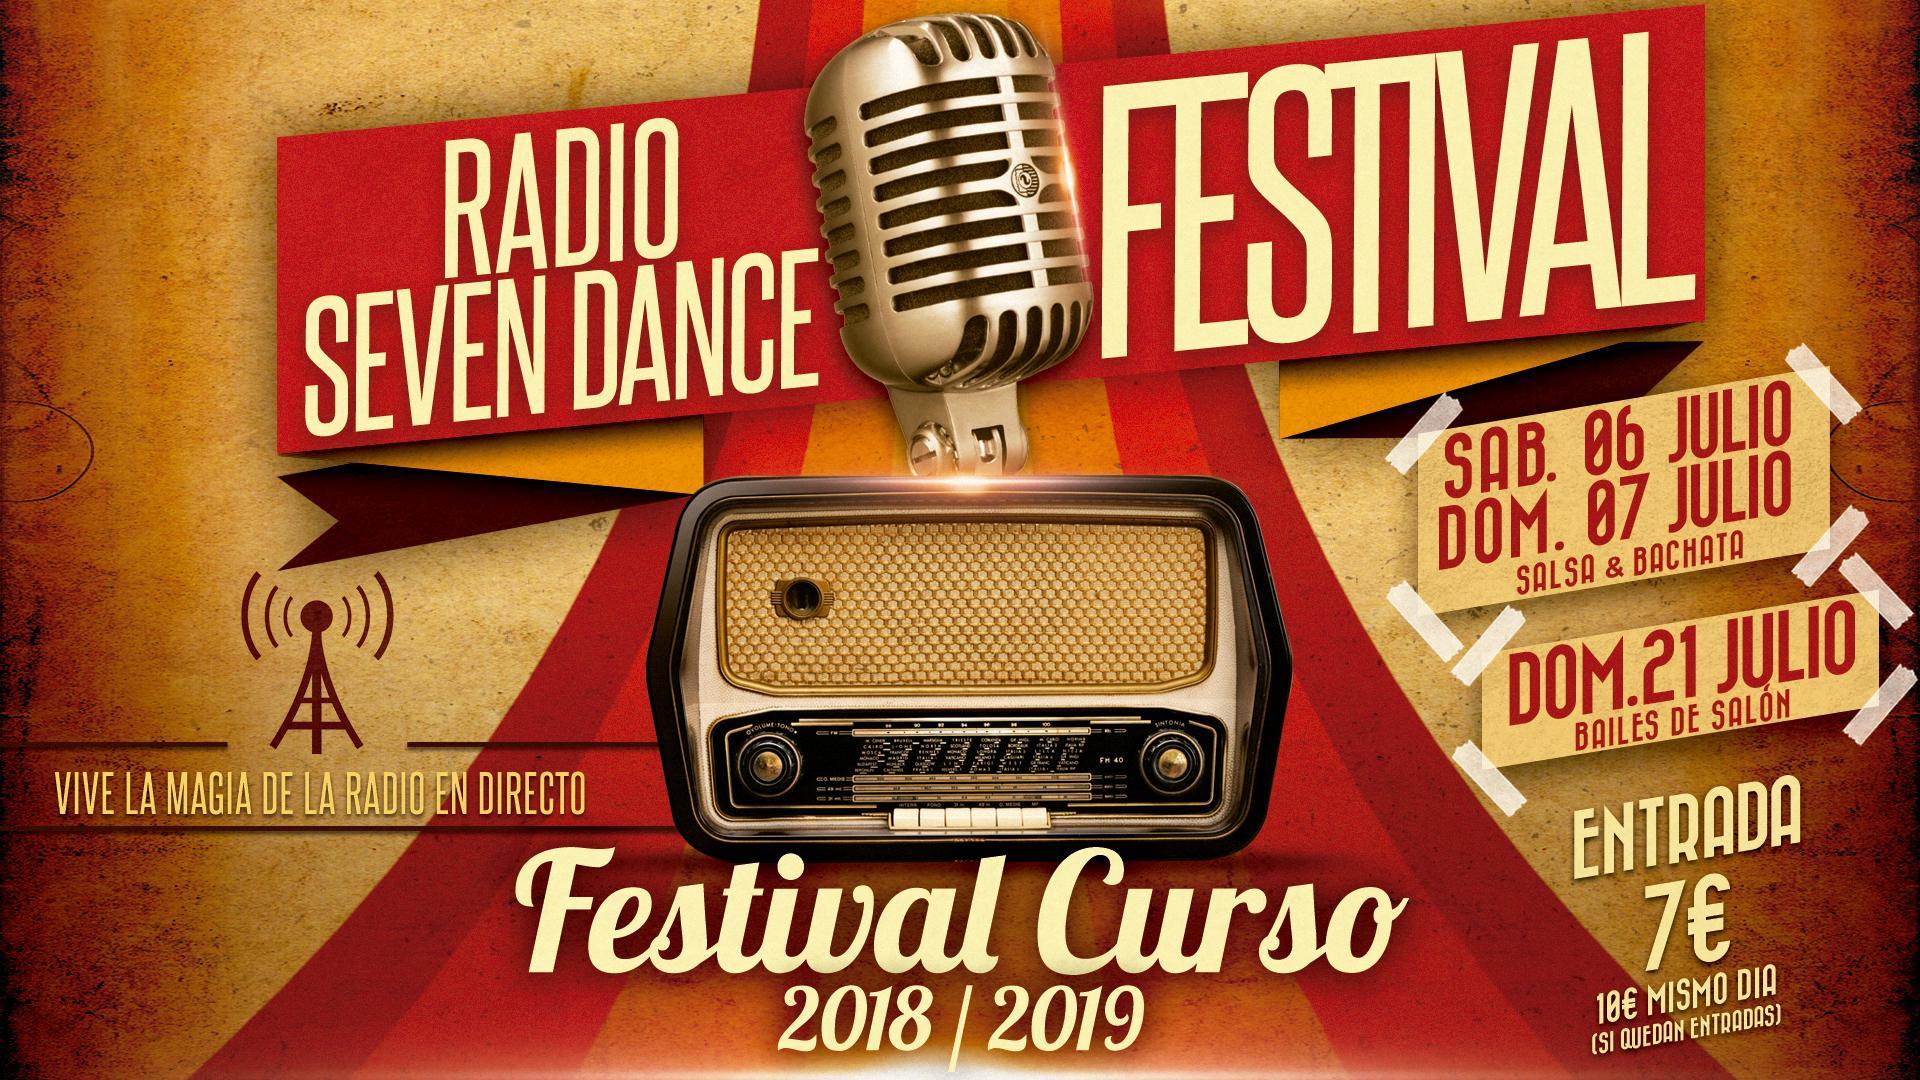 Las sesiones de baile Dio Club, Salsa, Bachata, Bailes de Salón y Swing